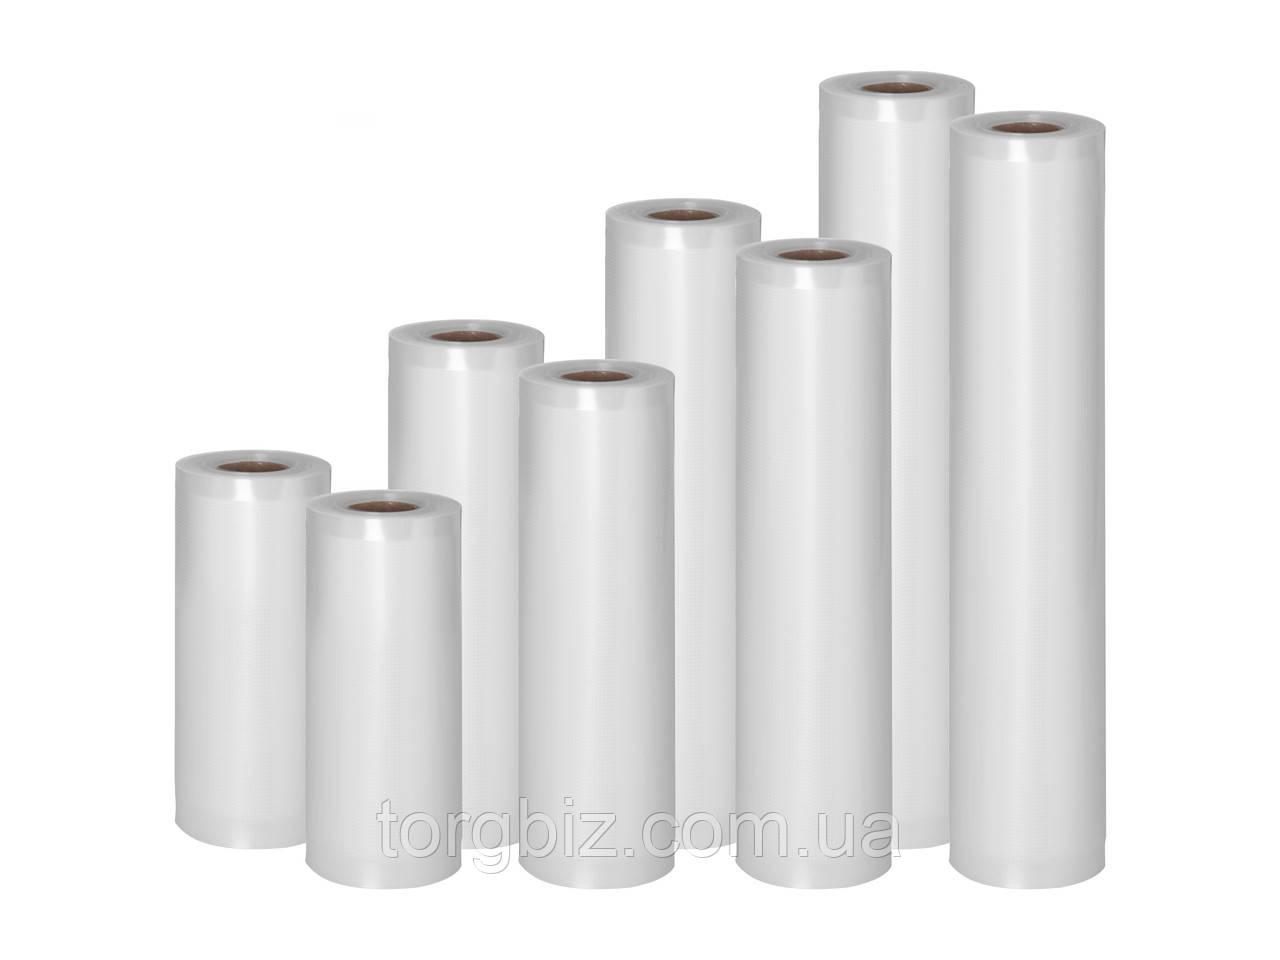 Вакуумный рулон  25/600см Пакеты для вакууматора